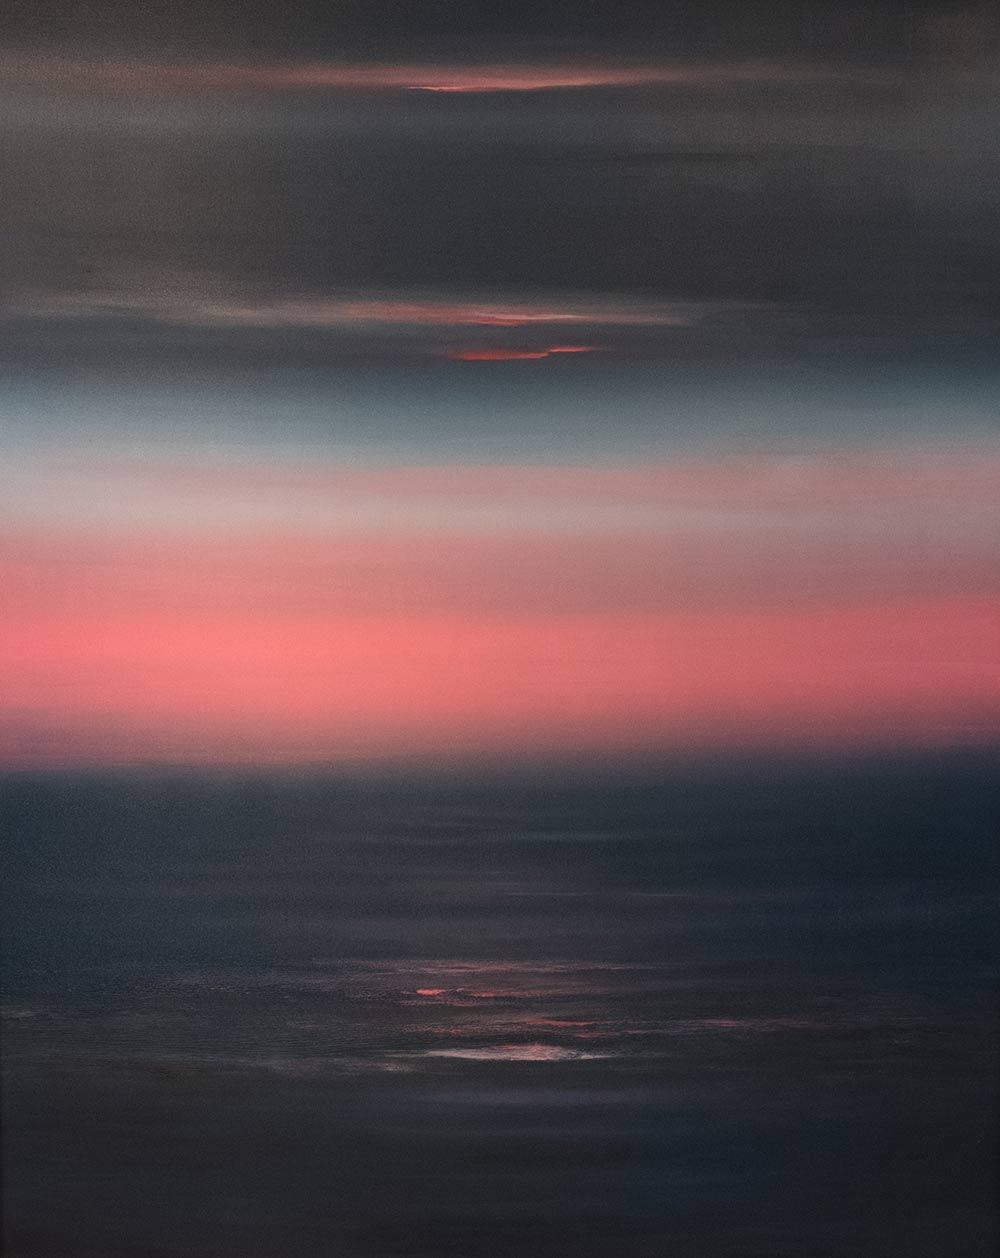 David-Joy-Seascapes-D19-013-69